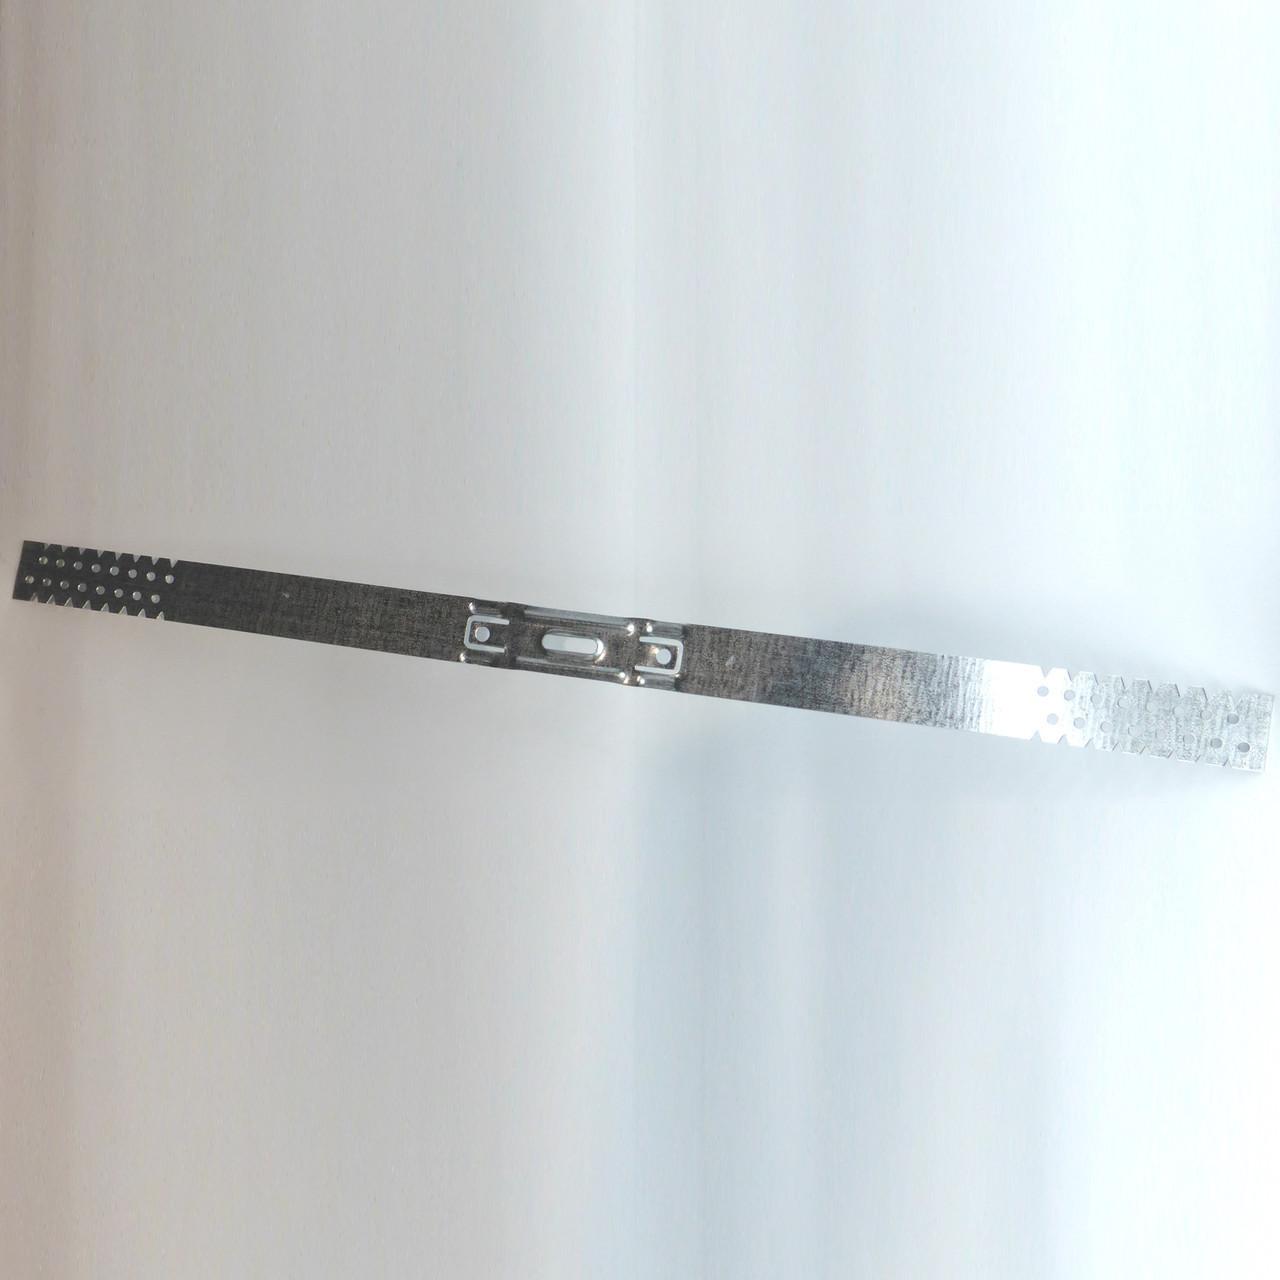 Крепеж для монтажа светильников 250 мм, подвес универсальный, пешки